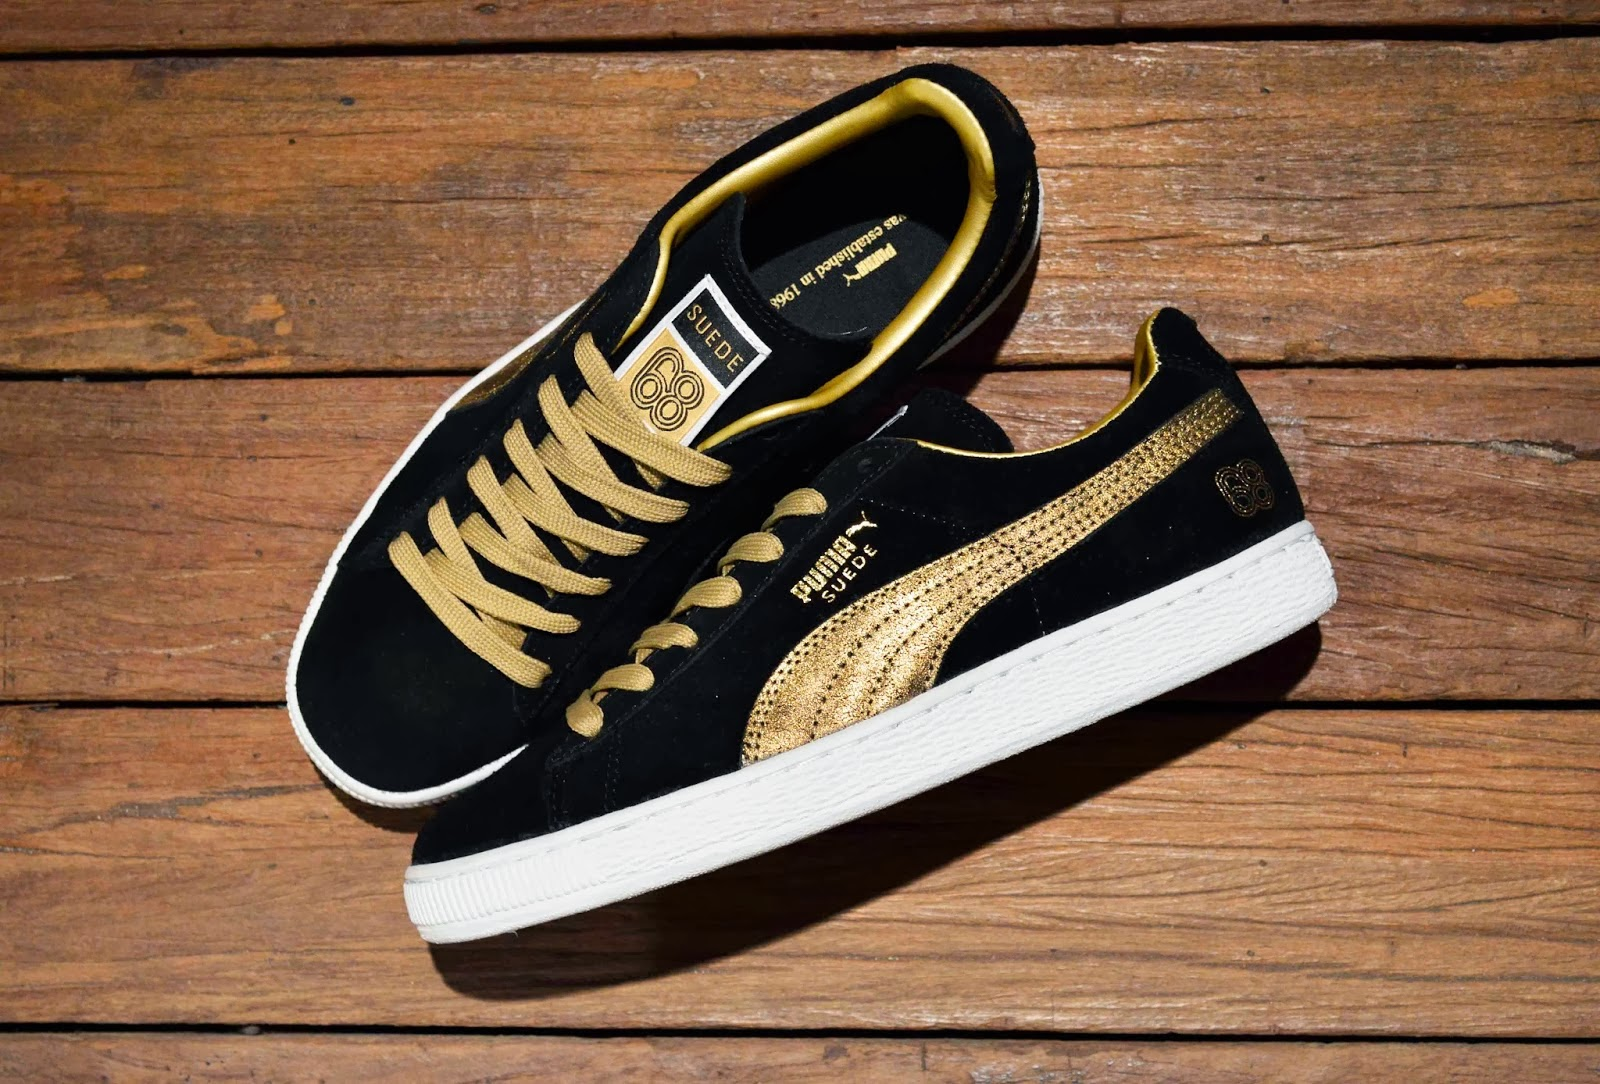 Puma Suede Gold